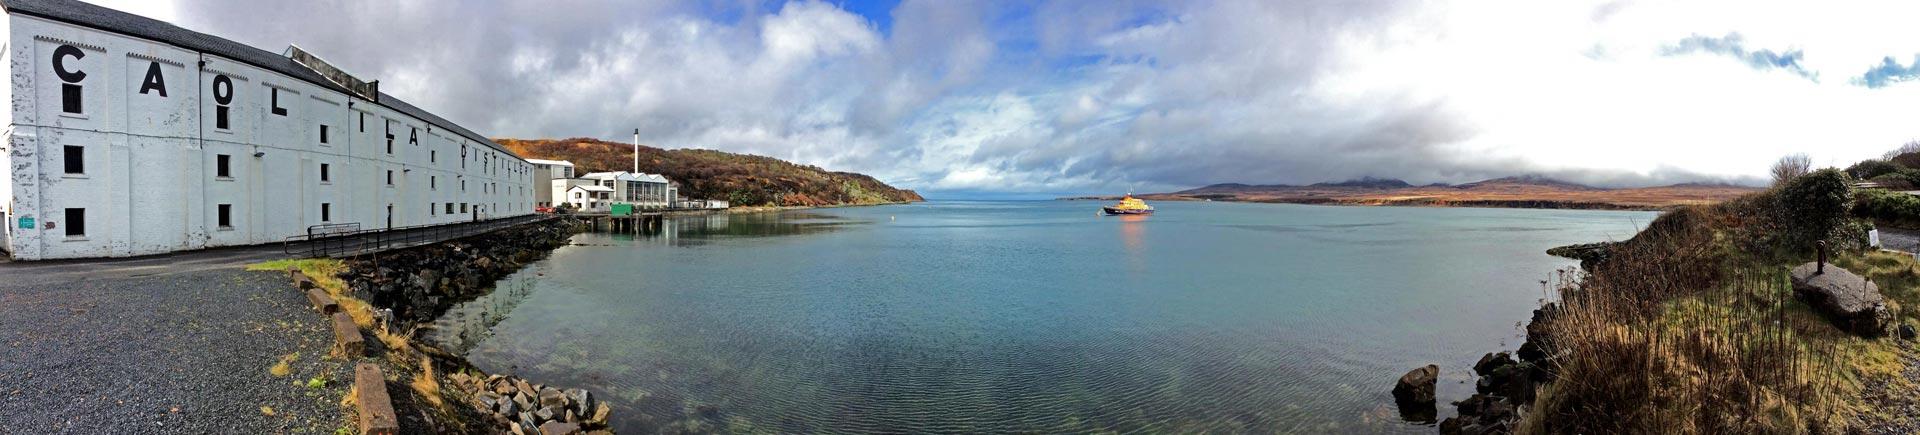 Direkt am Sound of Islay liegt die Caol Ila Destillerie. (Foto: Malt Whisky)